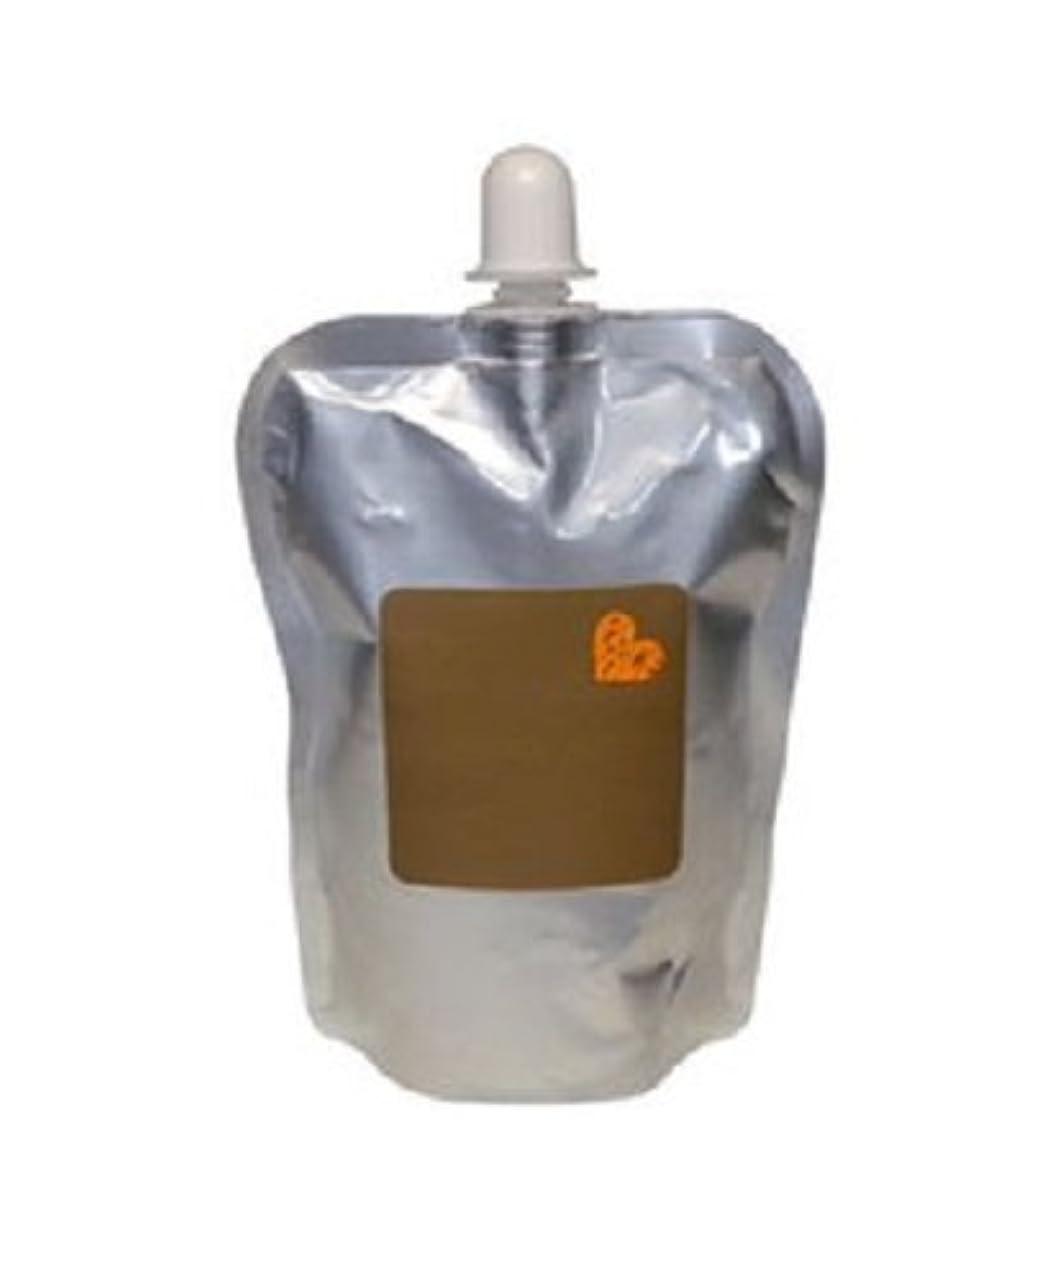 どうやら尊敬する制約アリミノ ピース プロデザインシリーズ ライトワックス ホイップ 400ml 詰替用